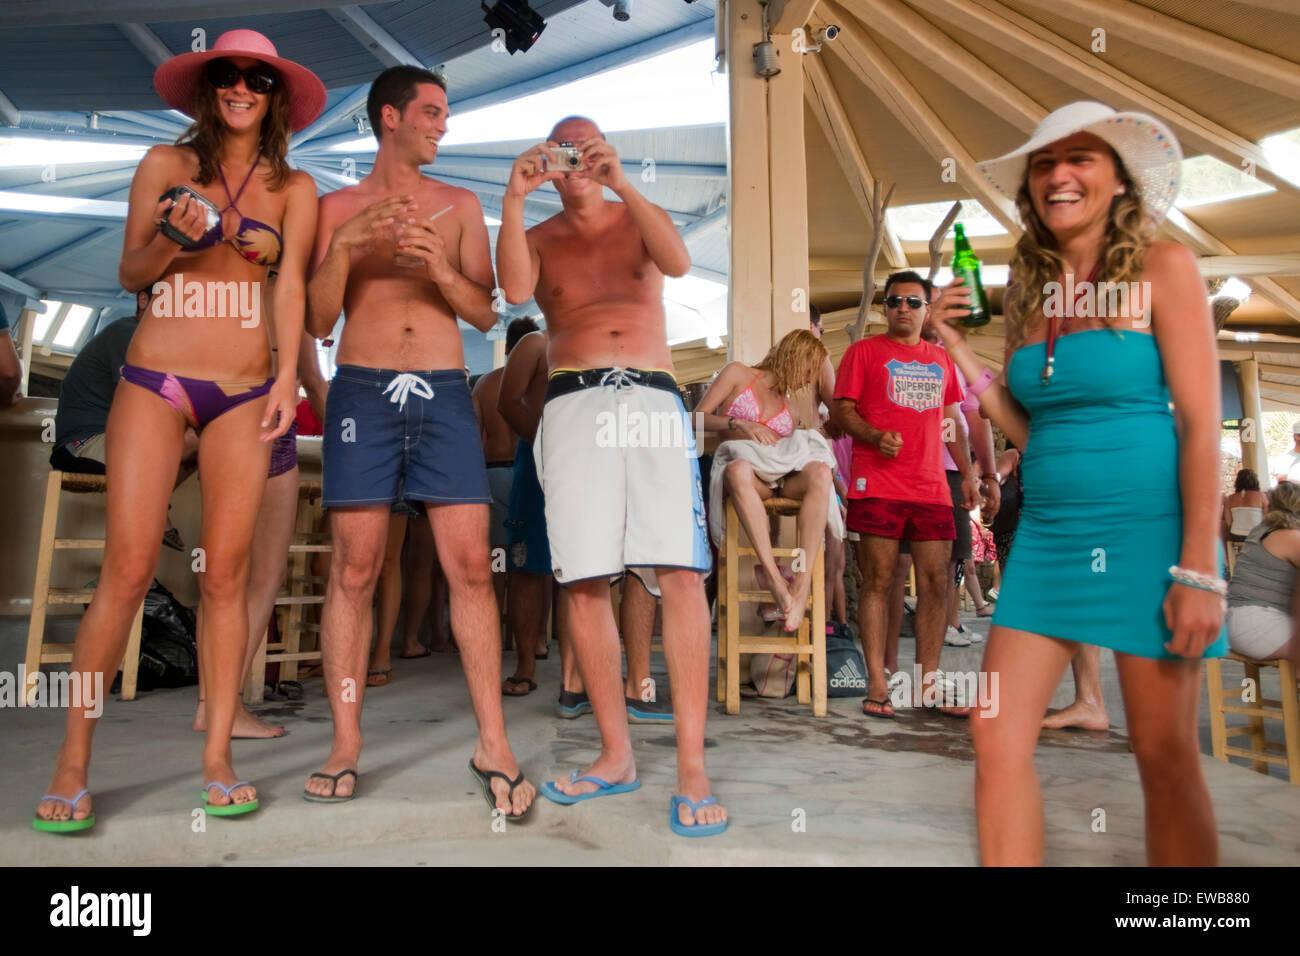 Griechenland, Kykladen, Mykonos, Super Paradise Beach, feiern bis zum Sonnenaufgang. - Stock Image